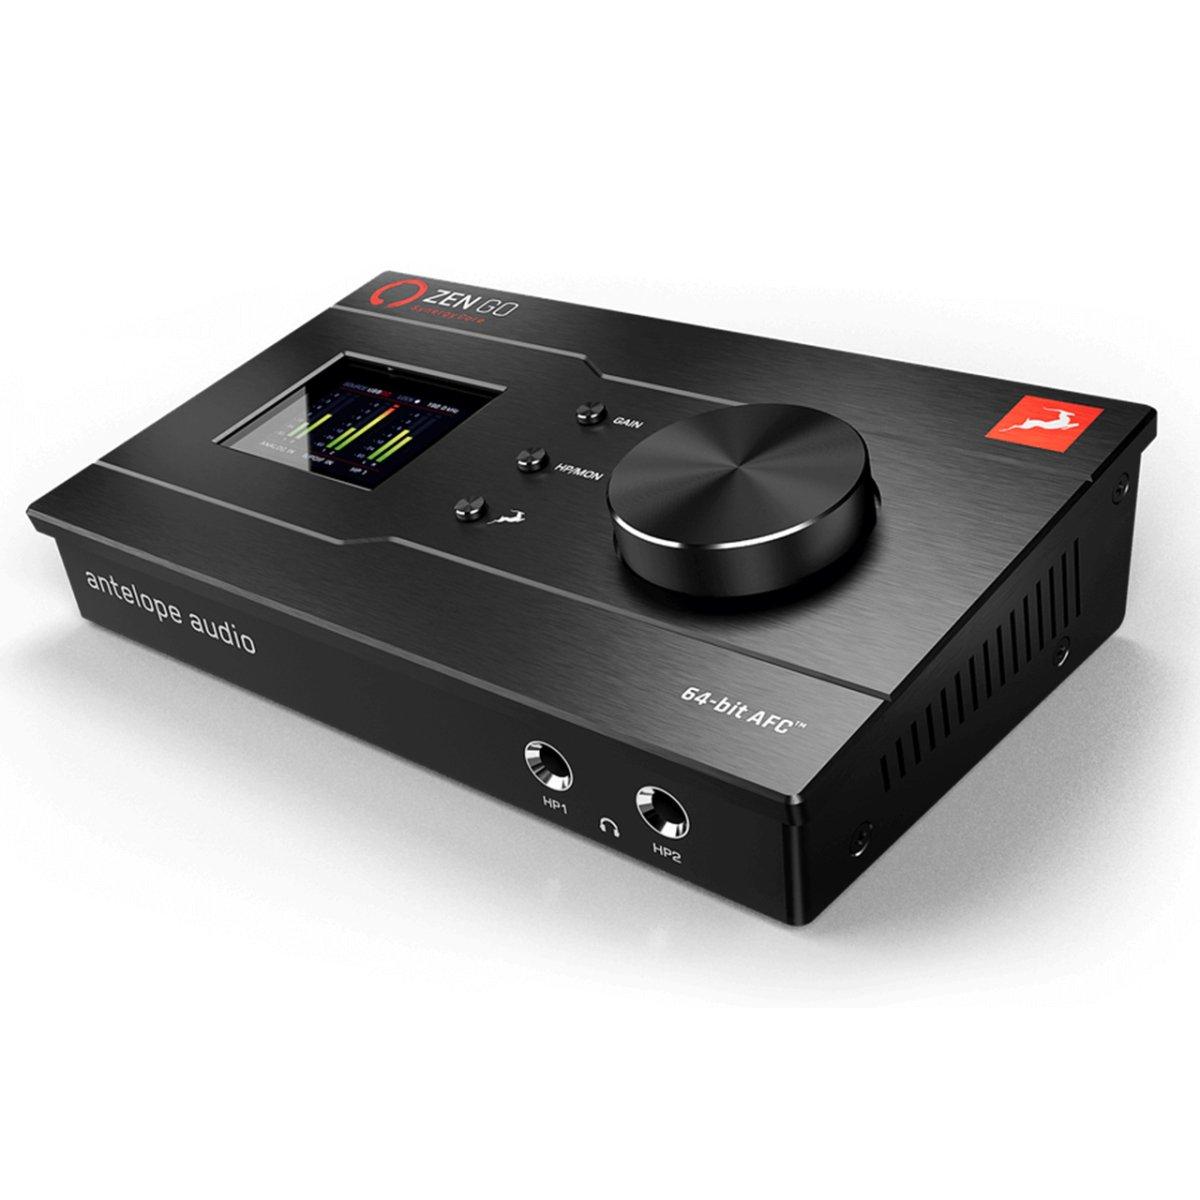 【USB-Cケーブル1本で Antelope クオリティを!】Zen Go Synergy Core